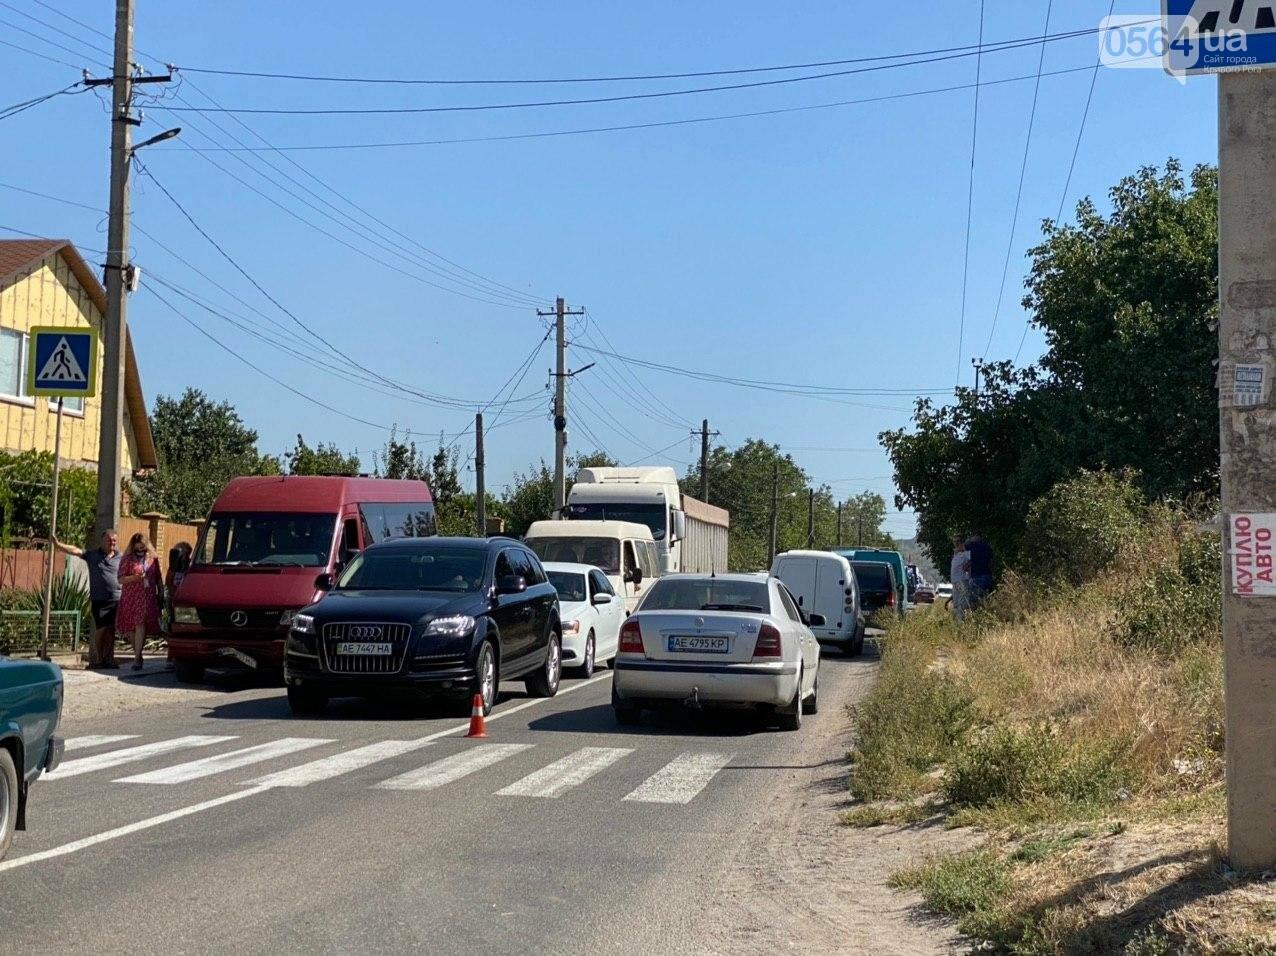 В Кривом Роге в результате лобового столкновения с маршруткой сгорел Lanos. Есть пострадавшие, - ФОТО , фото-8